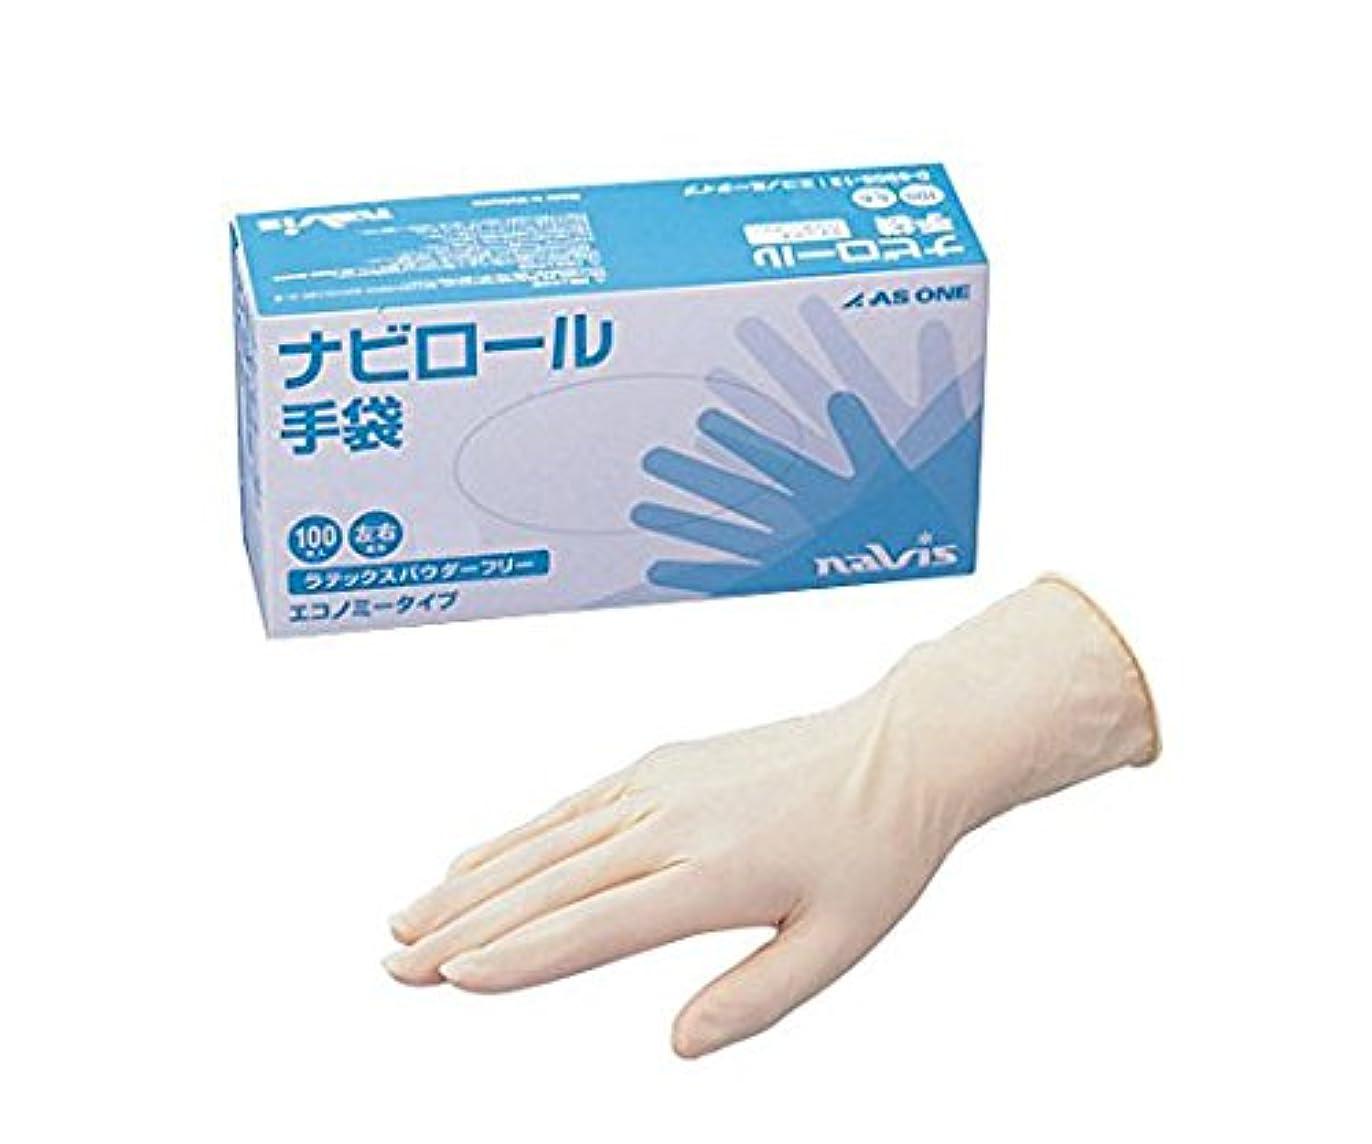 取るに足らない緩む放散するアズワン0-5905-22ナビロール手袋(エコノミータイプ?パウダーフリー)M100枚入